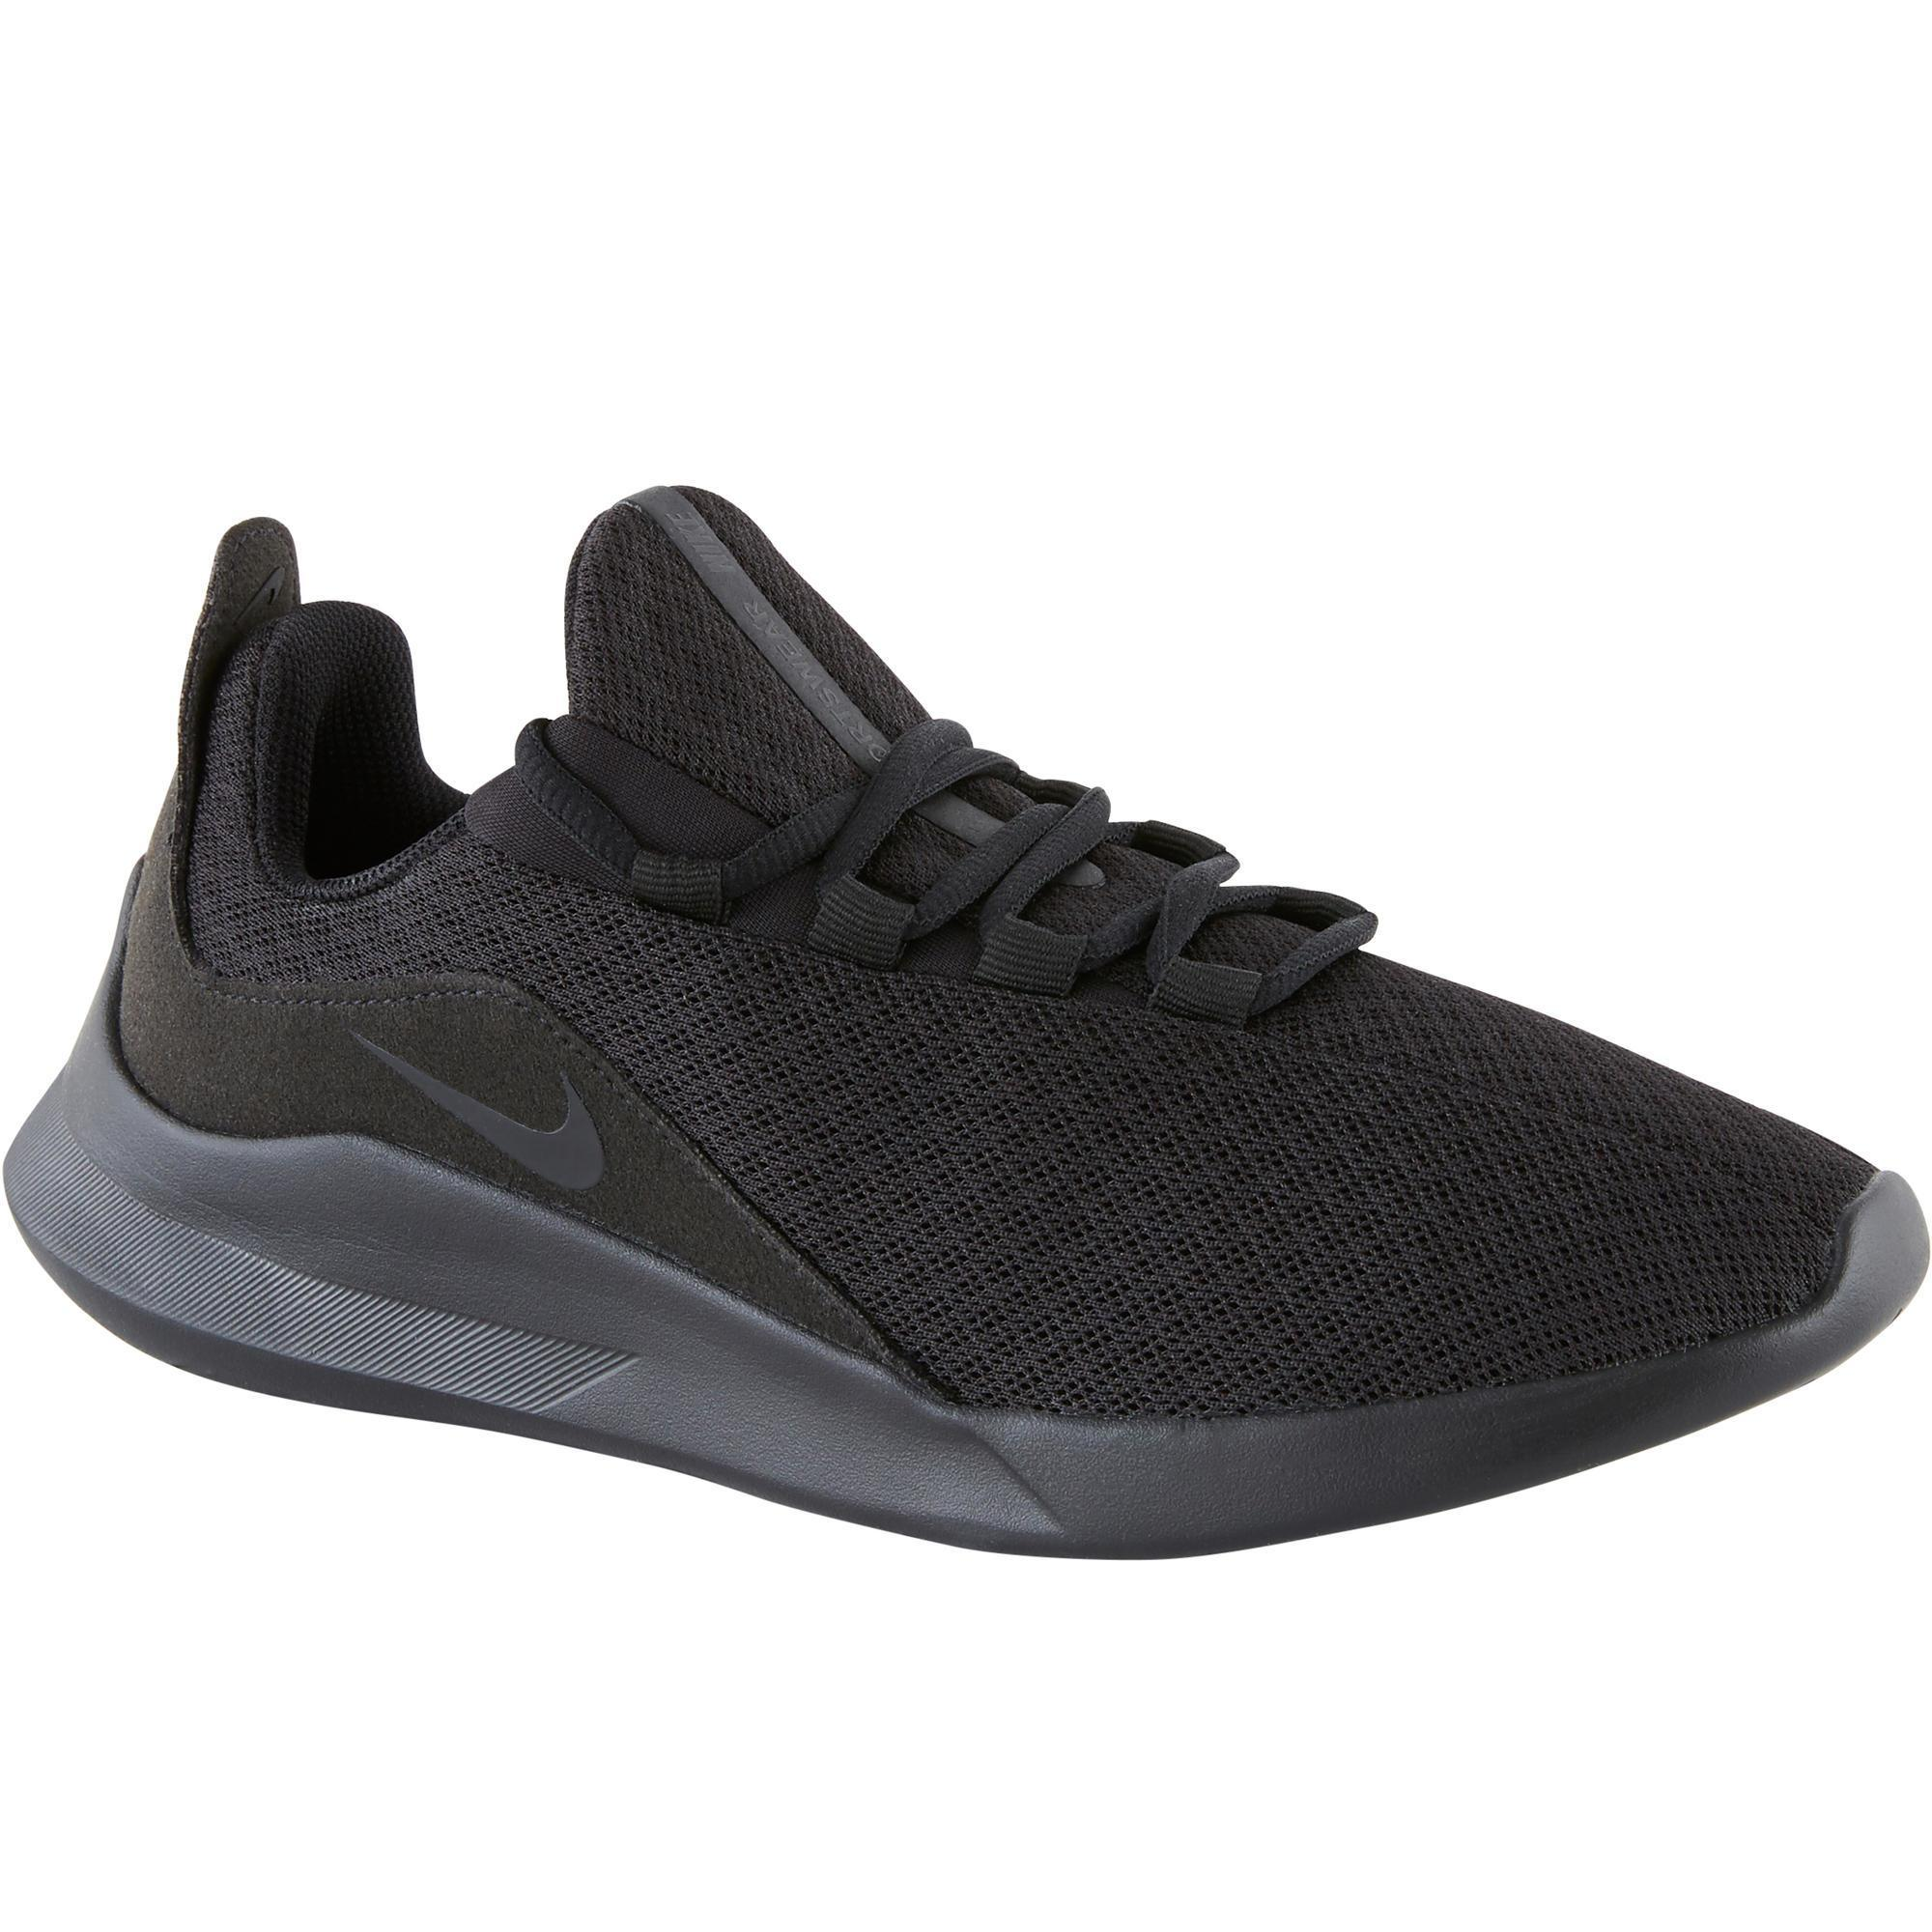 a2a4942cd07 Nike artikelen online ← Decathlon.nl